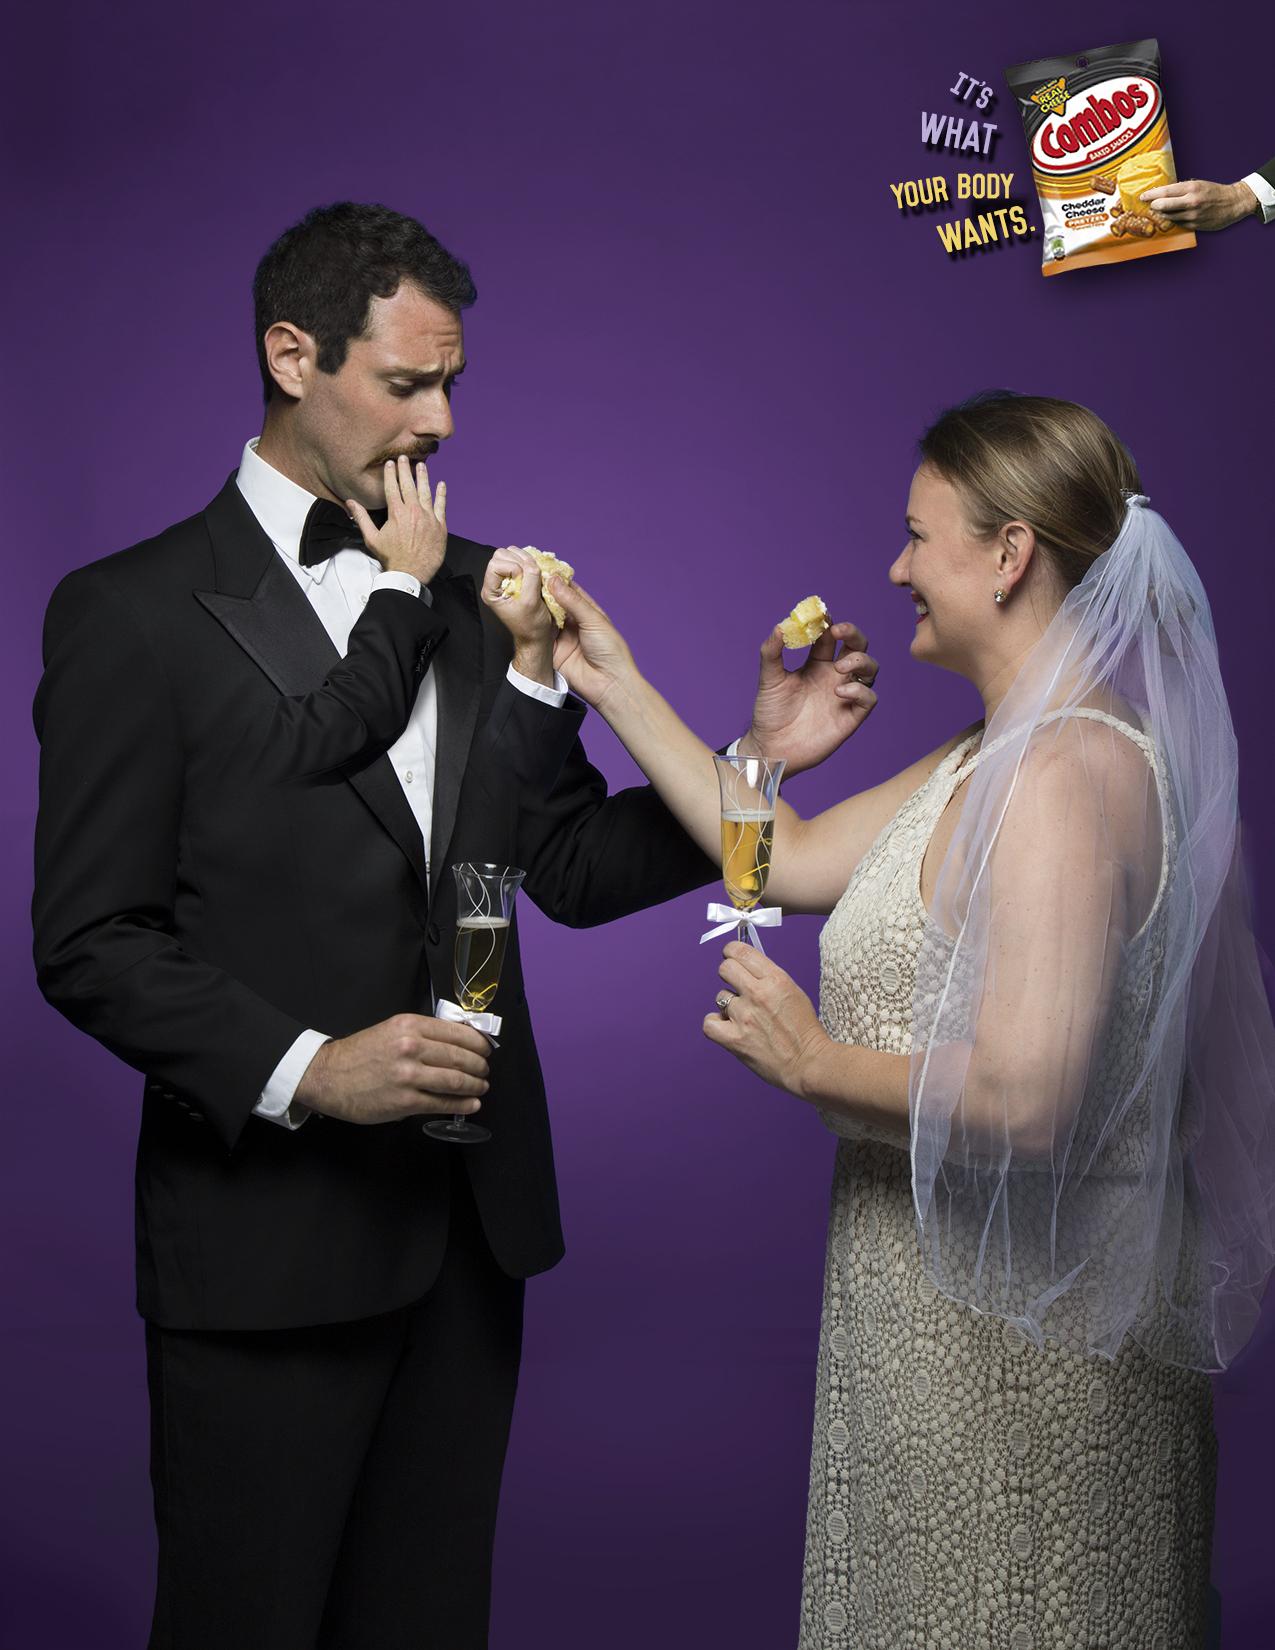 wedding_v2_print.jpg